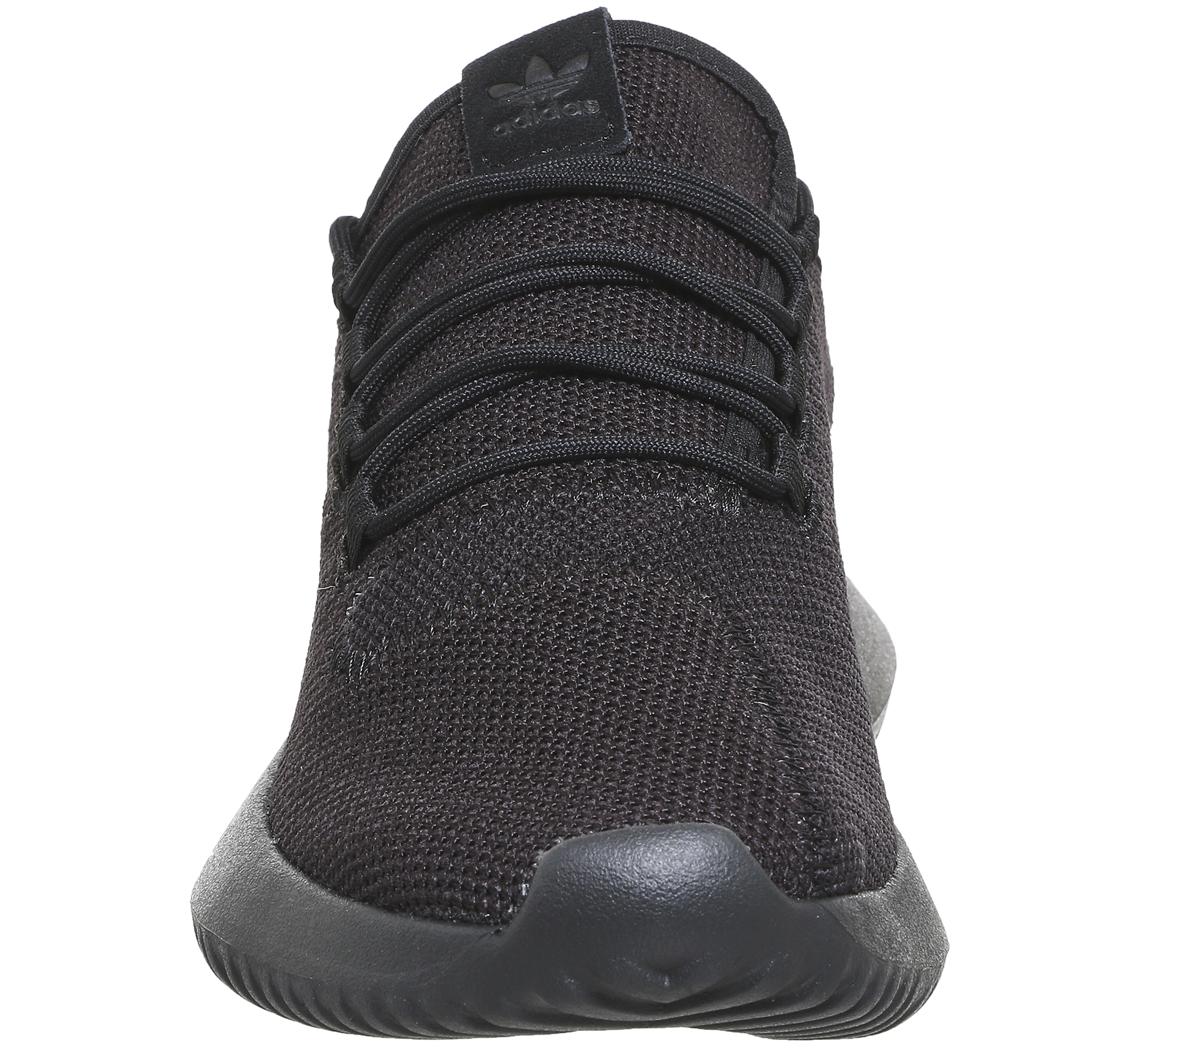 f1e50158c00 Adidas Tubular Shadow BLACK MONO Trainers Shoes